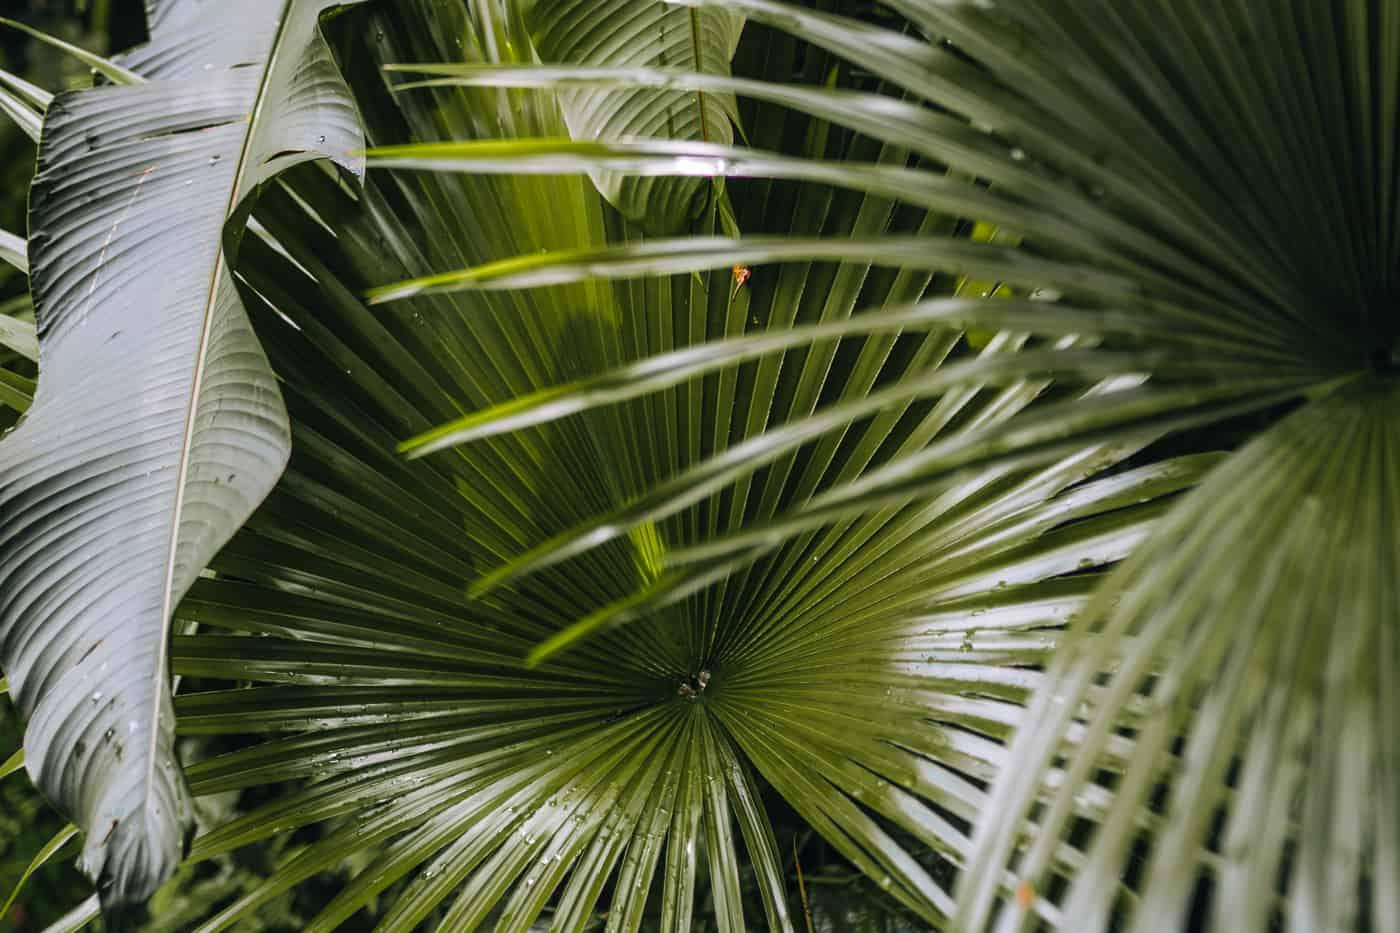 Saint Lucia - Tipps, Sehenswürdigkeiten, Strände & Ausflugsziele auf der Karibik-Insel: Diamond Waterfall & Botanical Gardens